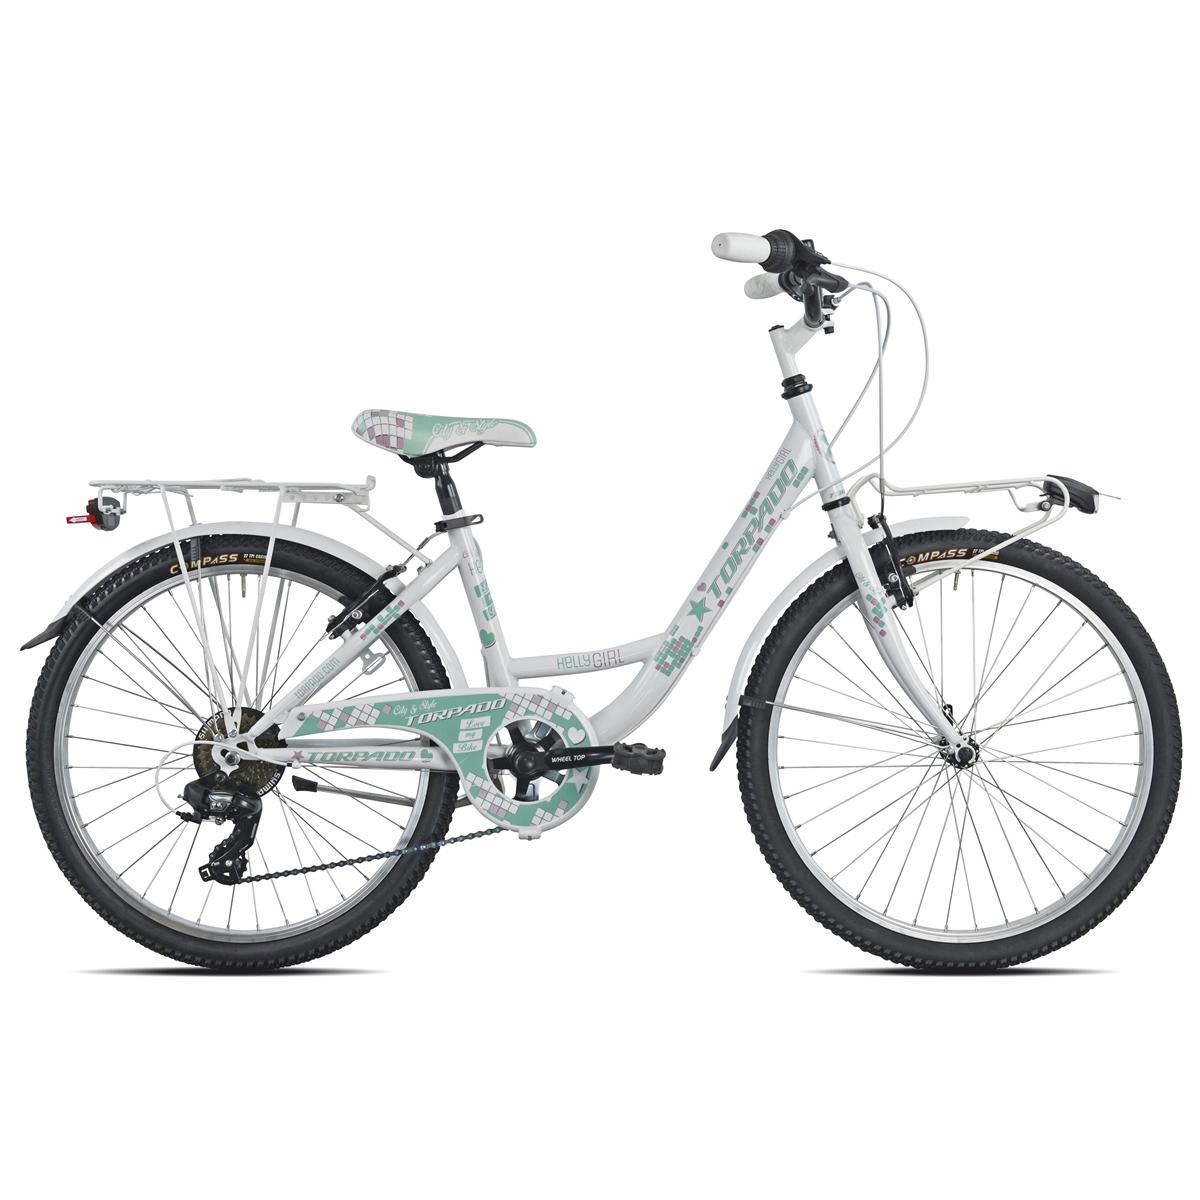 Bici Bambina T611 Kelly 24'' 6v Bianco/Verde